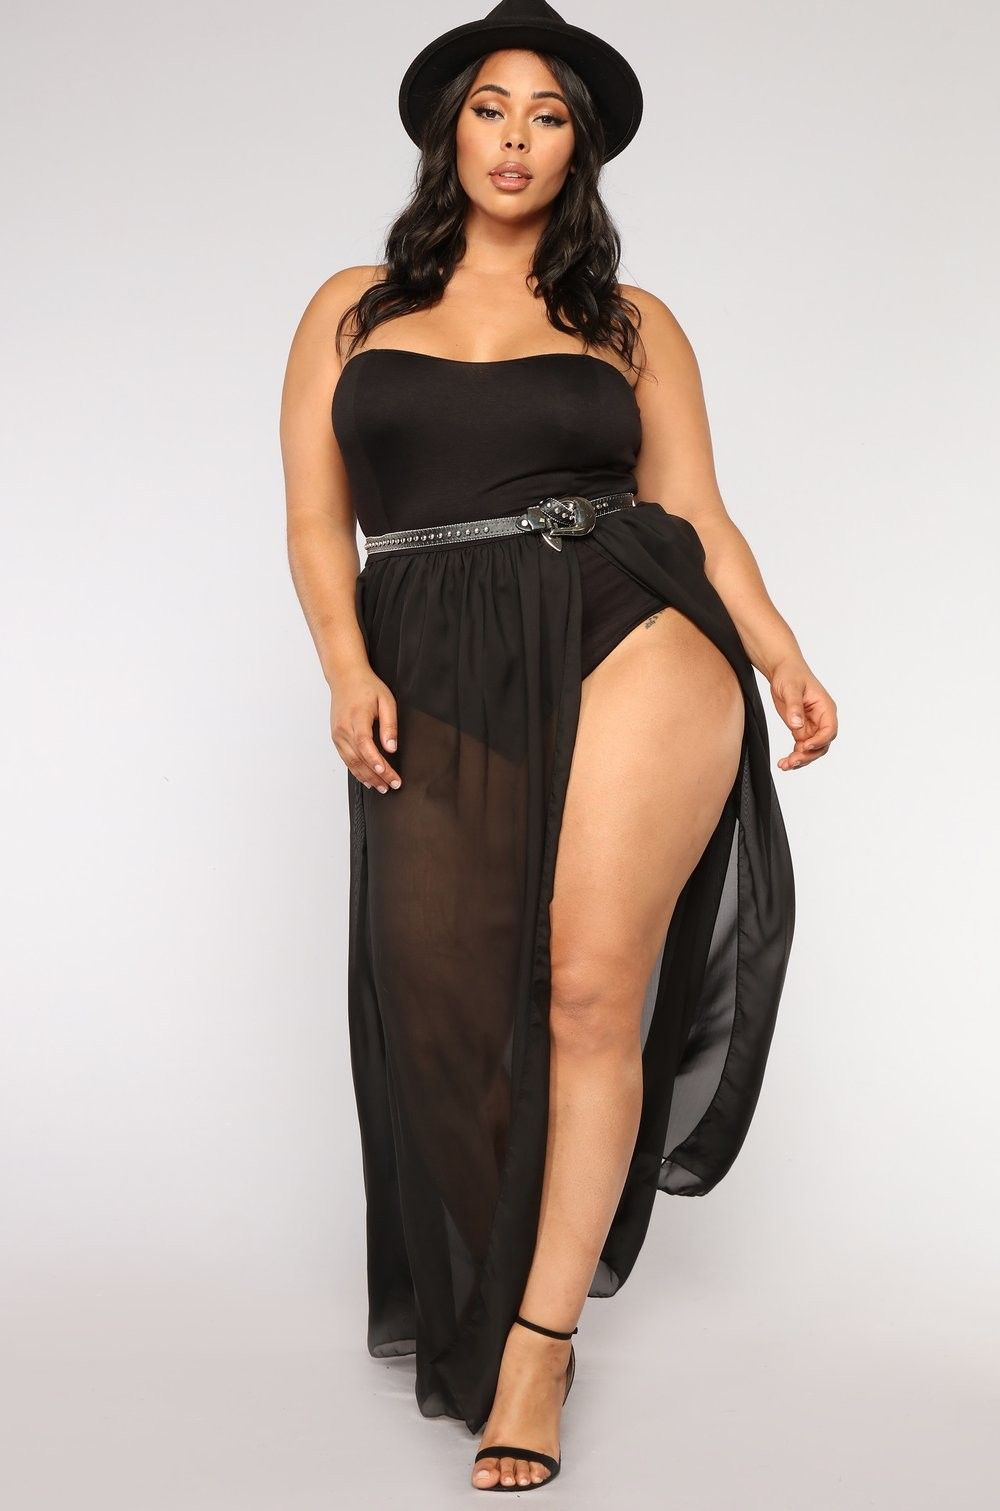 00f3856813d Plus Size Exhibit A Dress - Black  29.99  fashion  ootd  outfit  oufits   moda  plussize  dress  dresses  plussizeclothing  plussizedress  curve   curvy  sexy ...